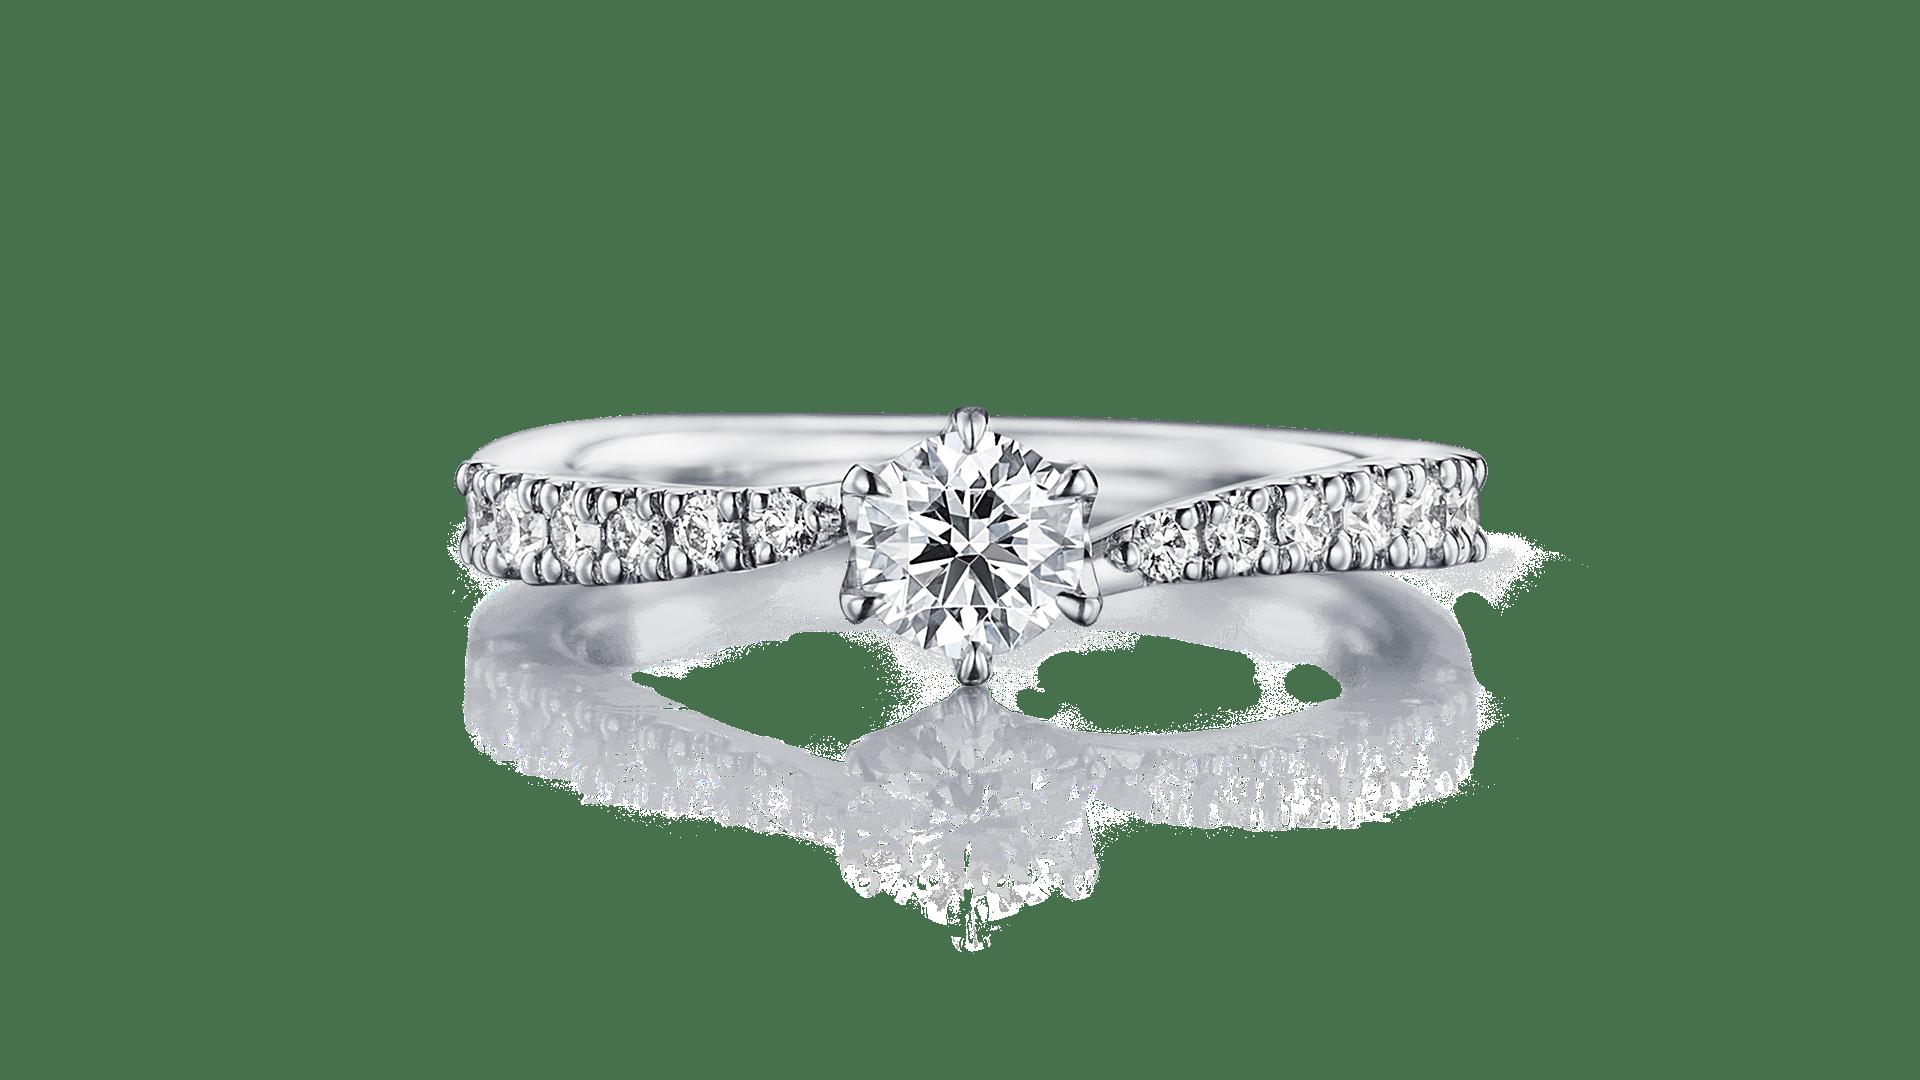 lyra ライラ | 婚約指輪サムネイル 1